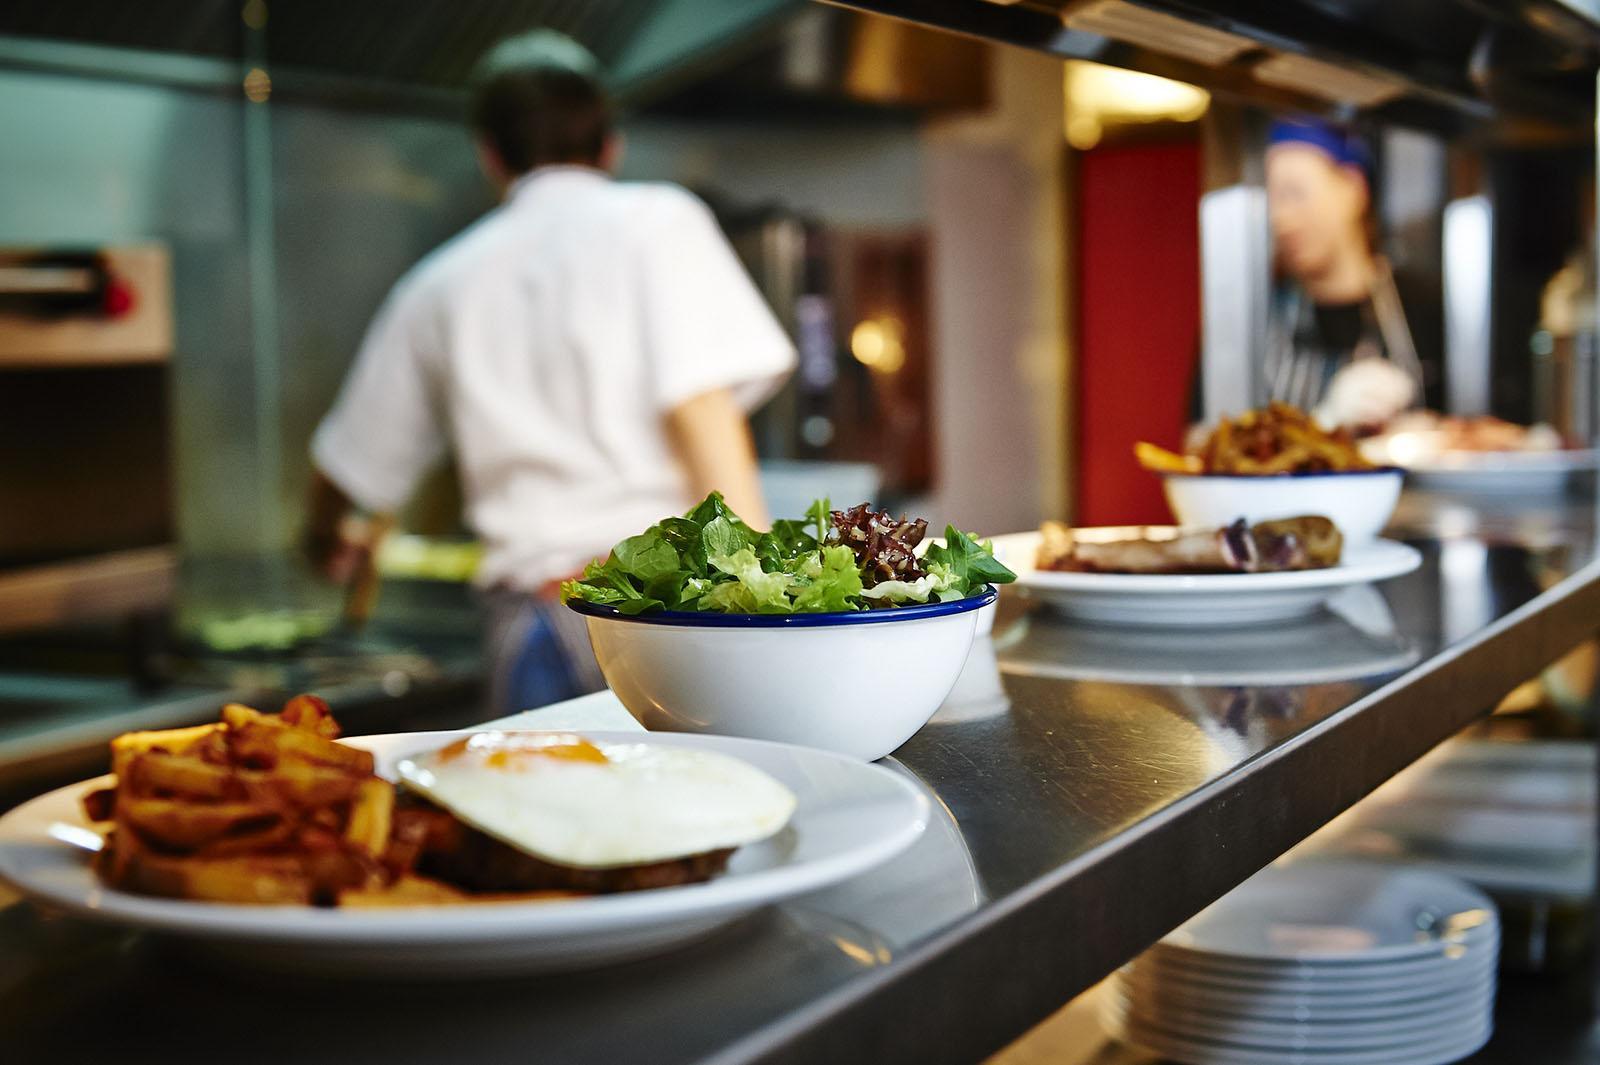 فيروس كورونا: إعادة فتح المطاعم ابتداء من اليوم